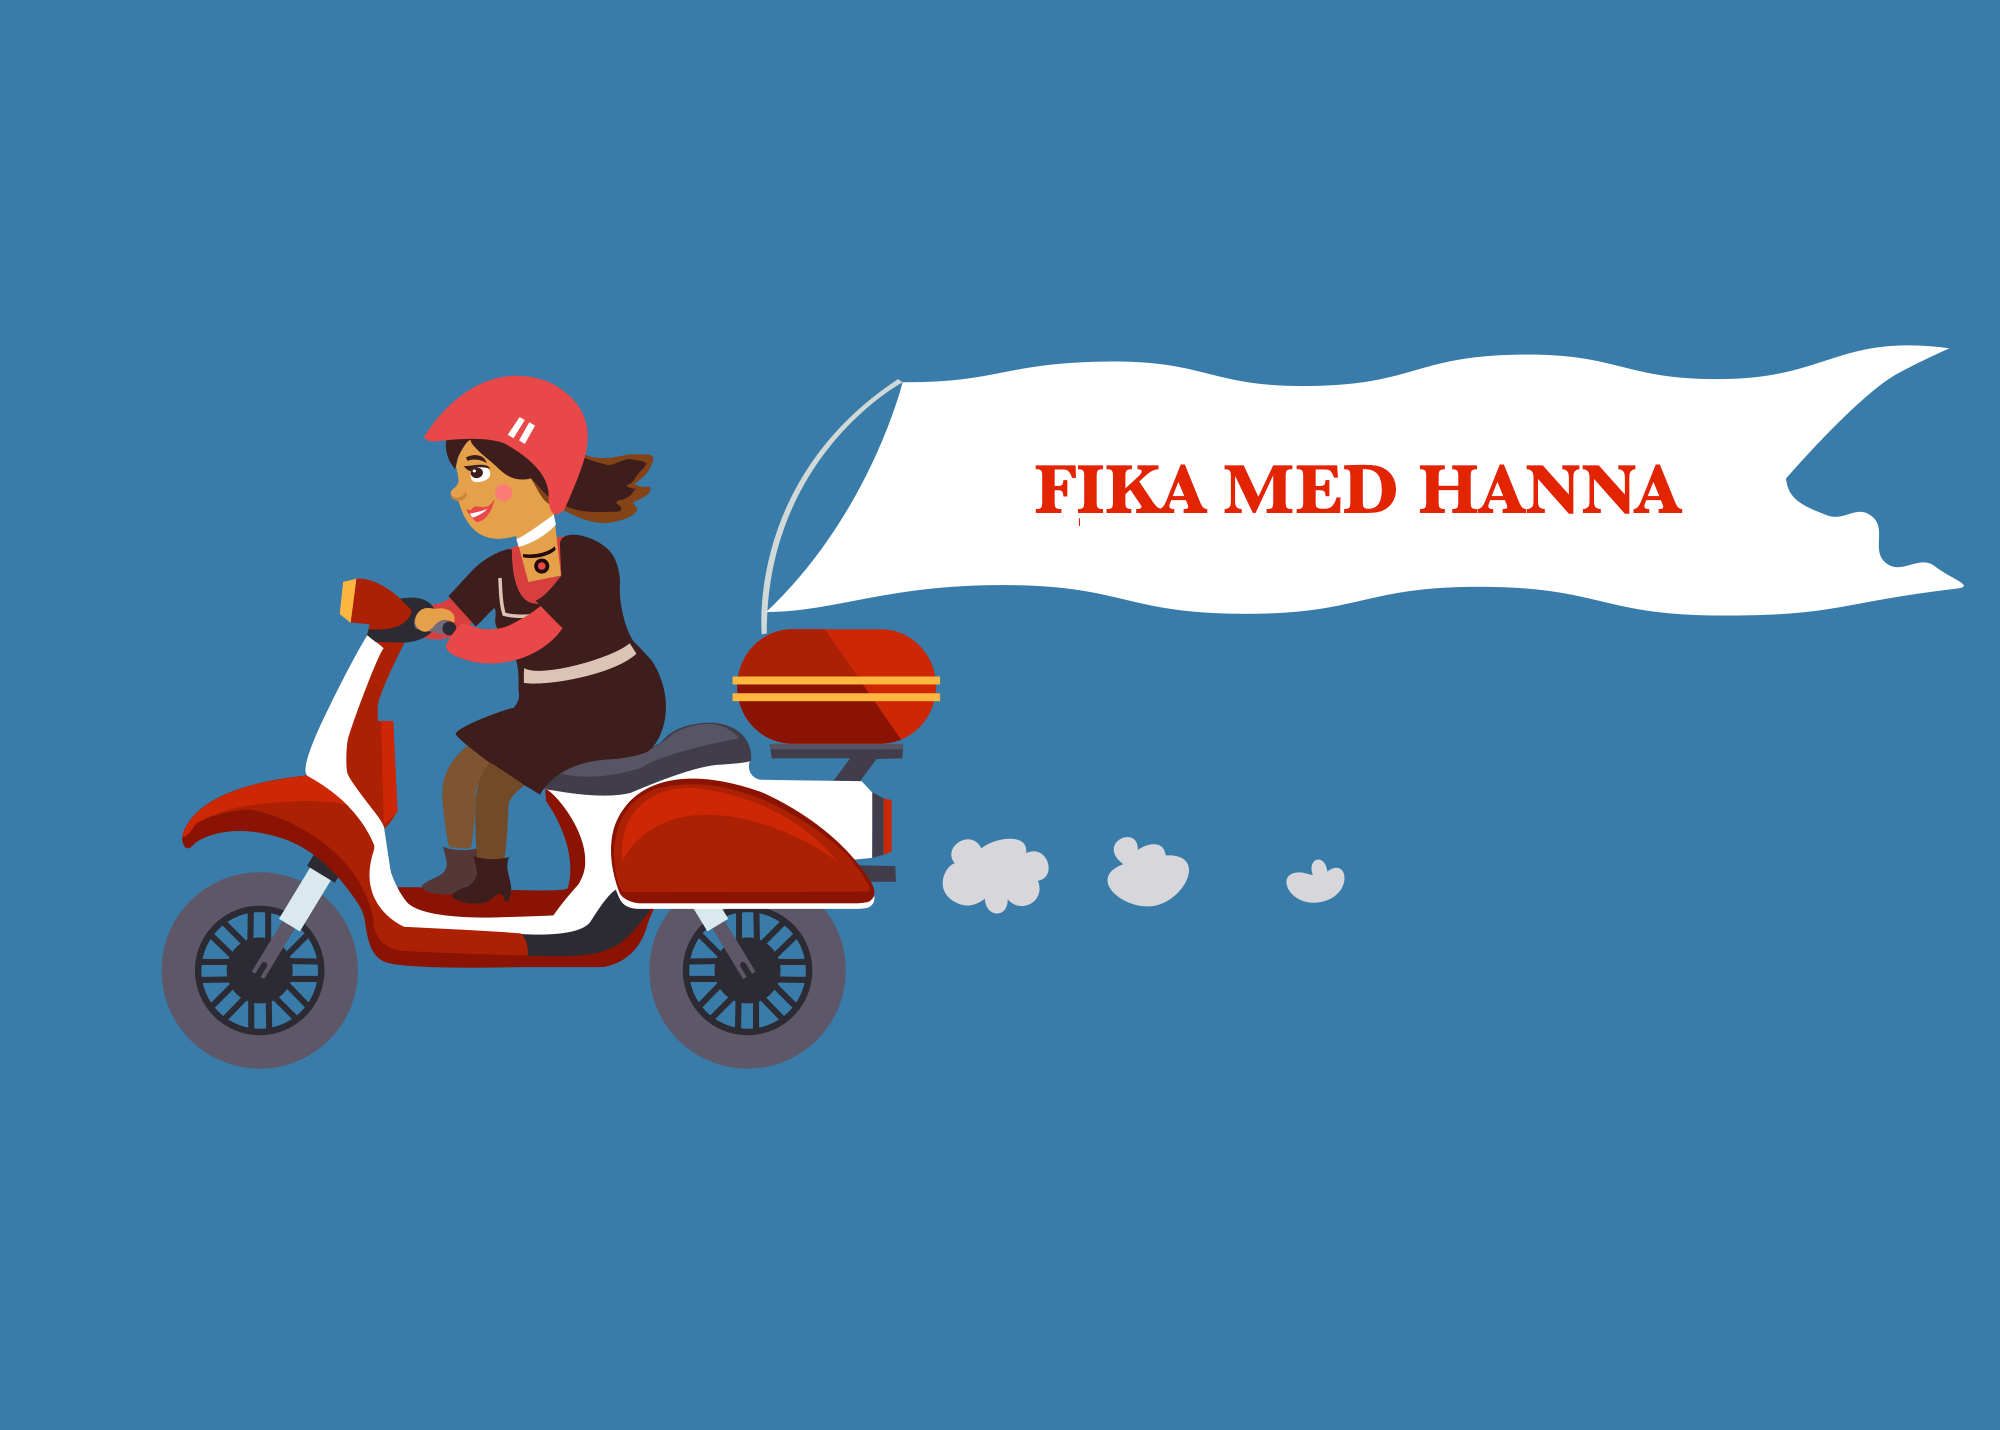 FIKA MED HANNA